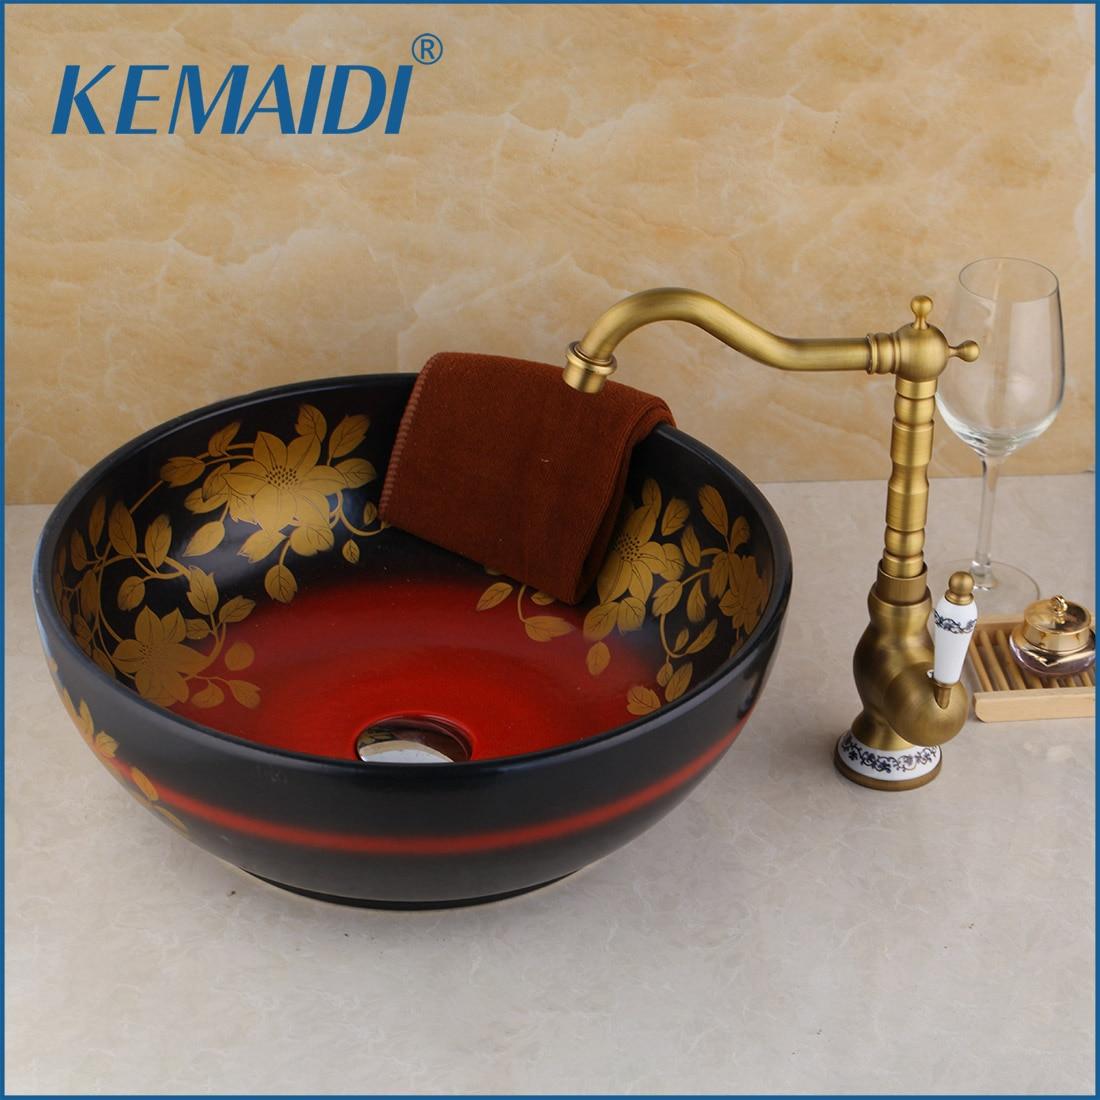 KEMAIDI En Céramique lavabo Navire Évier Avec salle de bains en laiton antique Robinet Feuille Motif Comptoir lavabo éviers de salle de bain